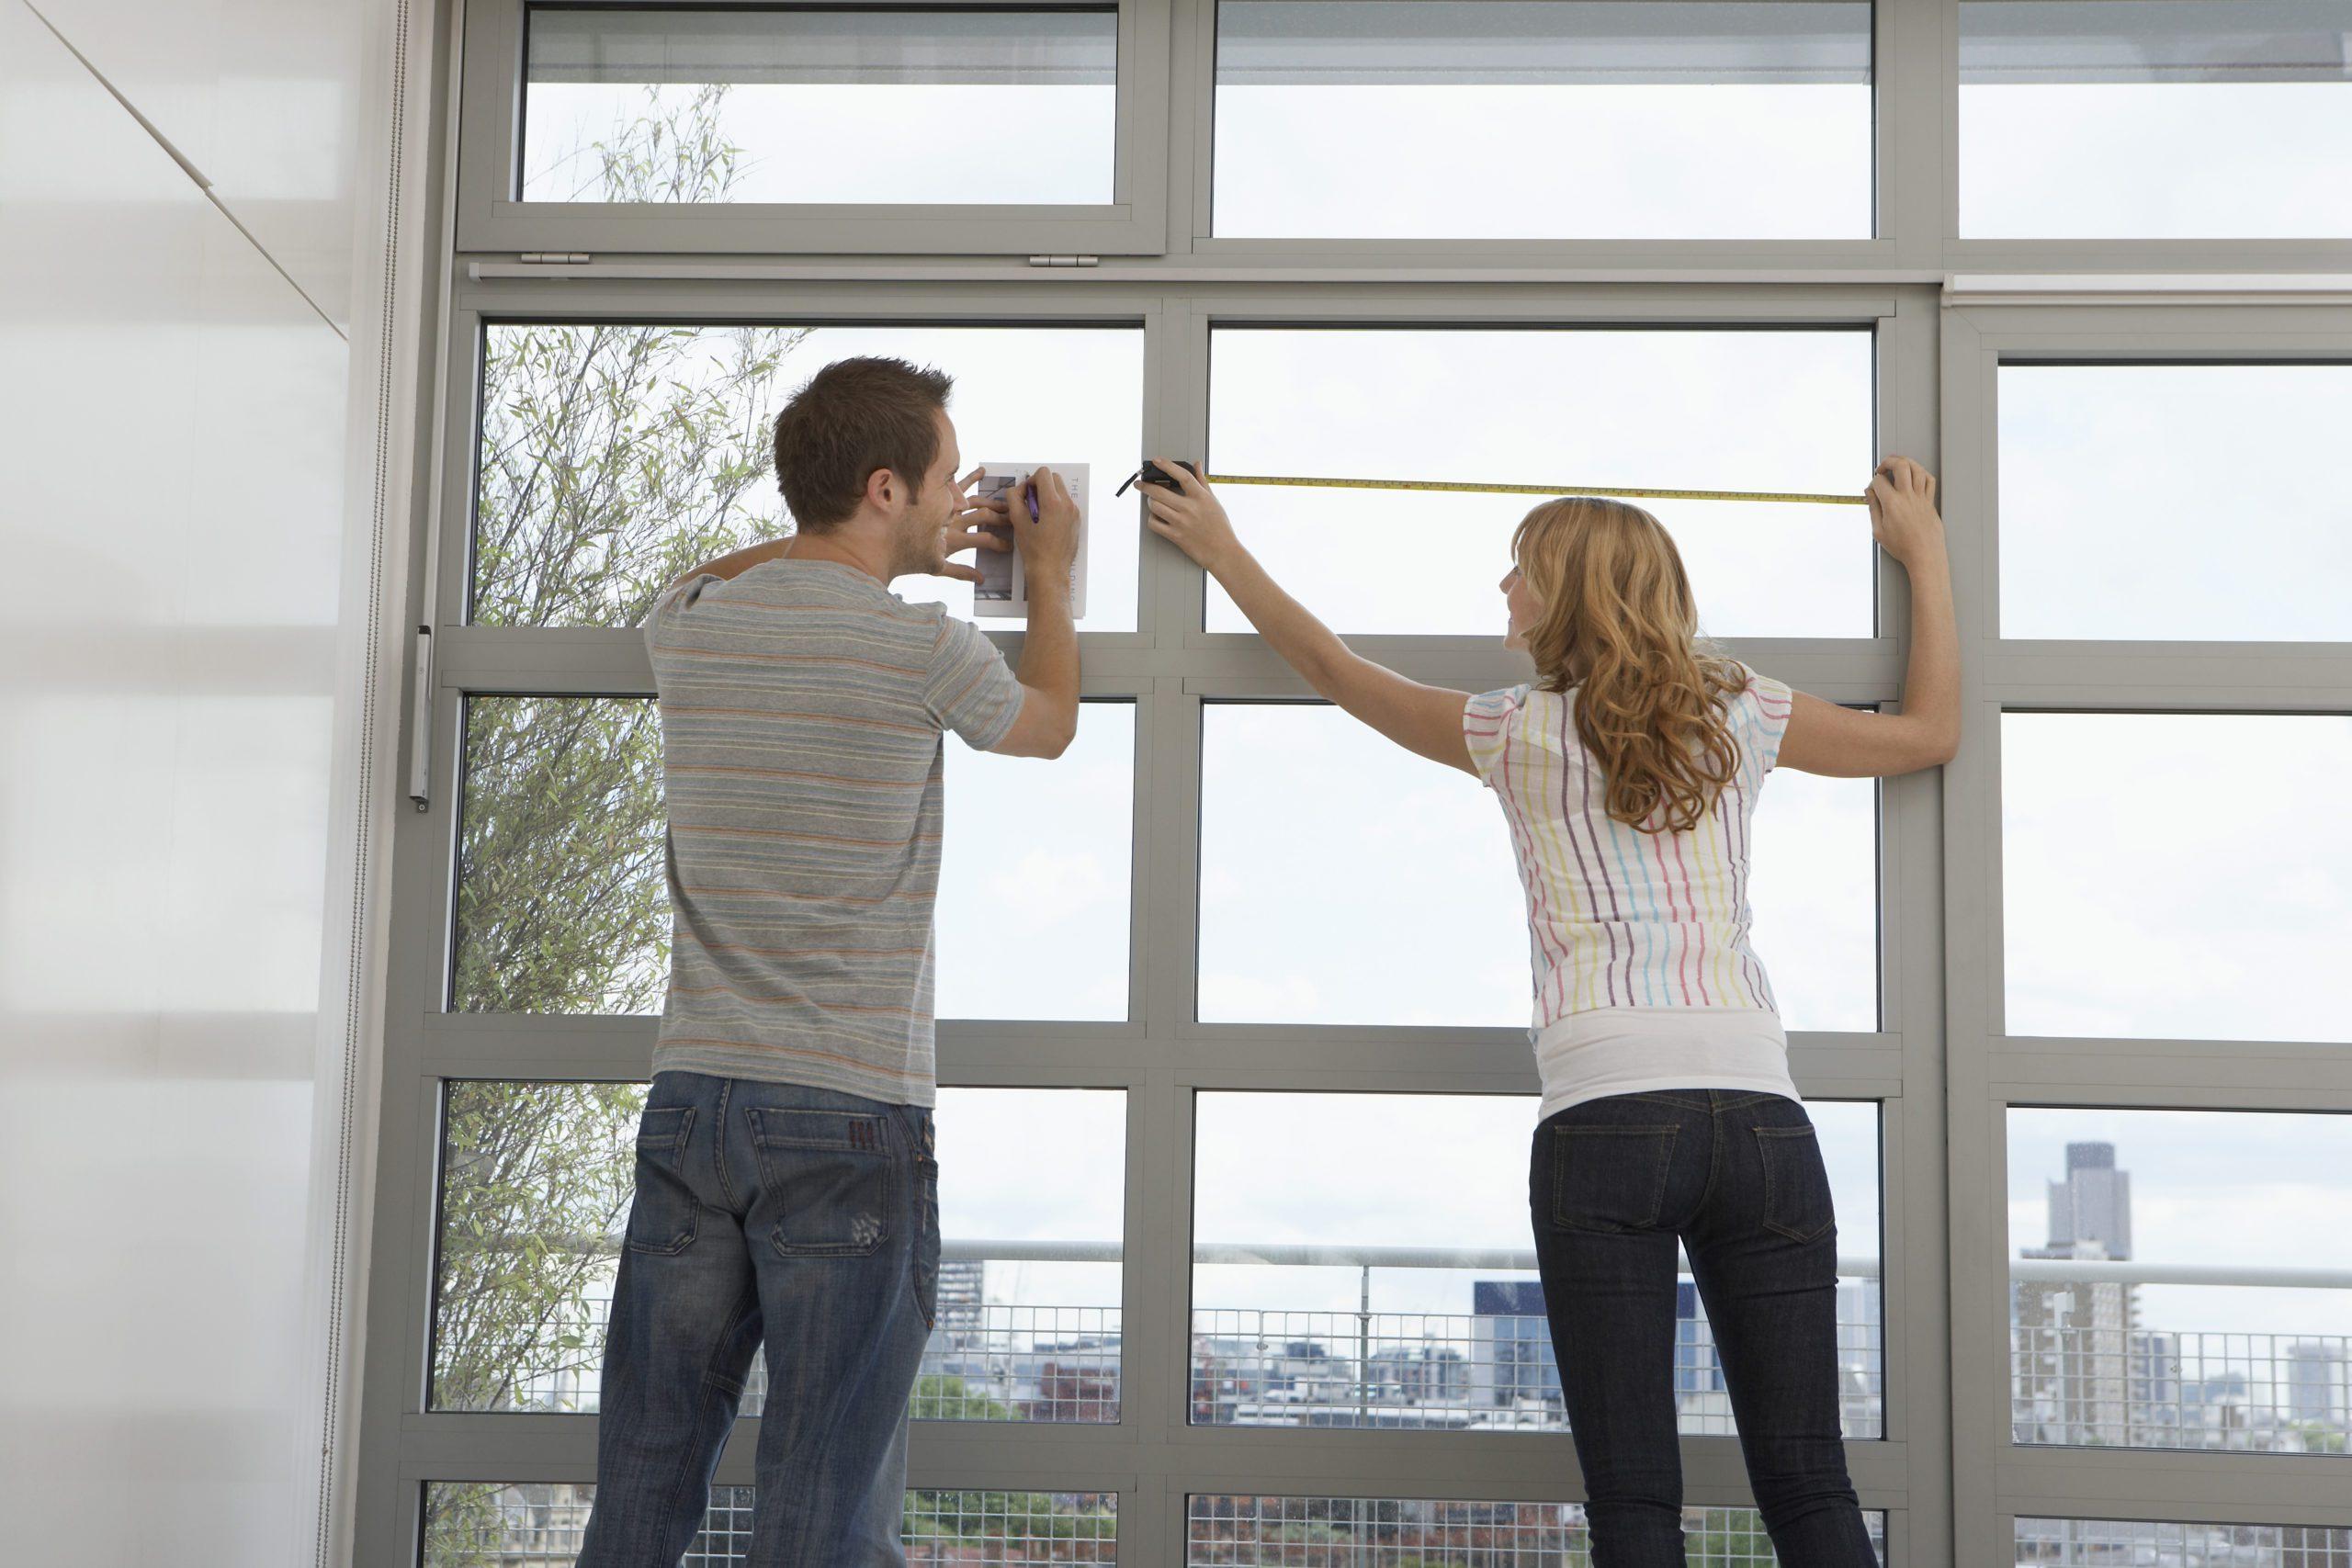 DIY window tint